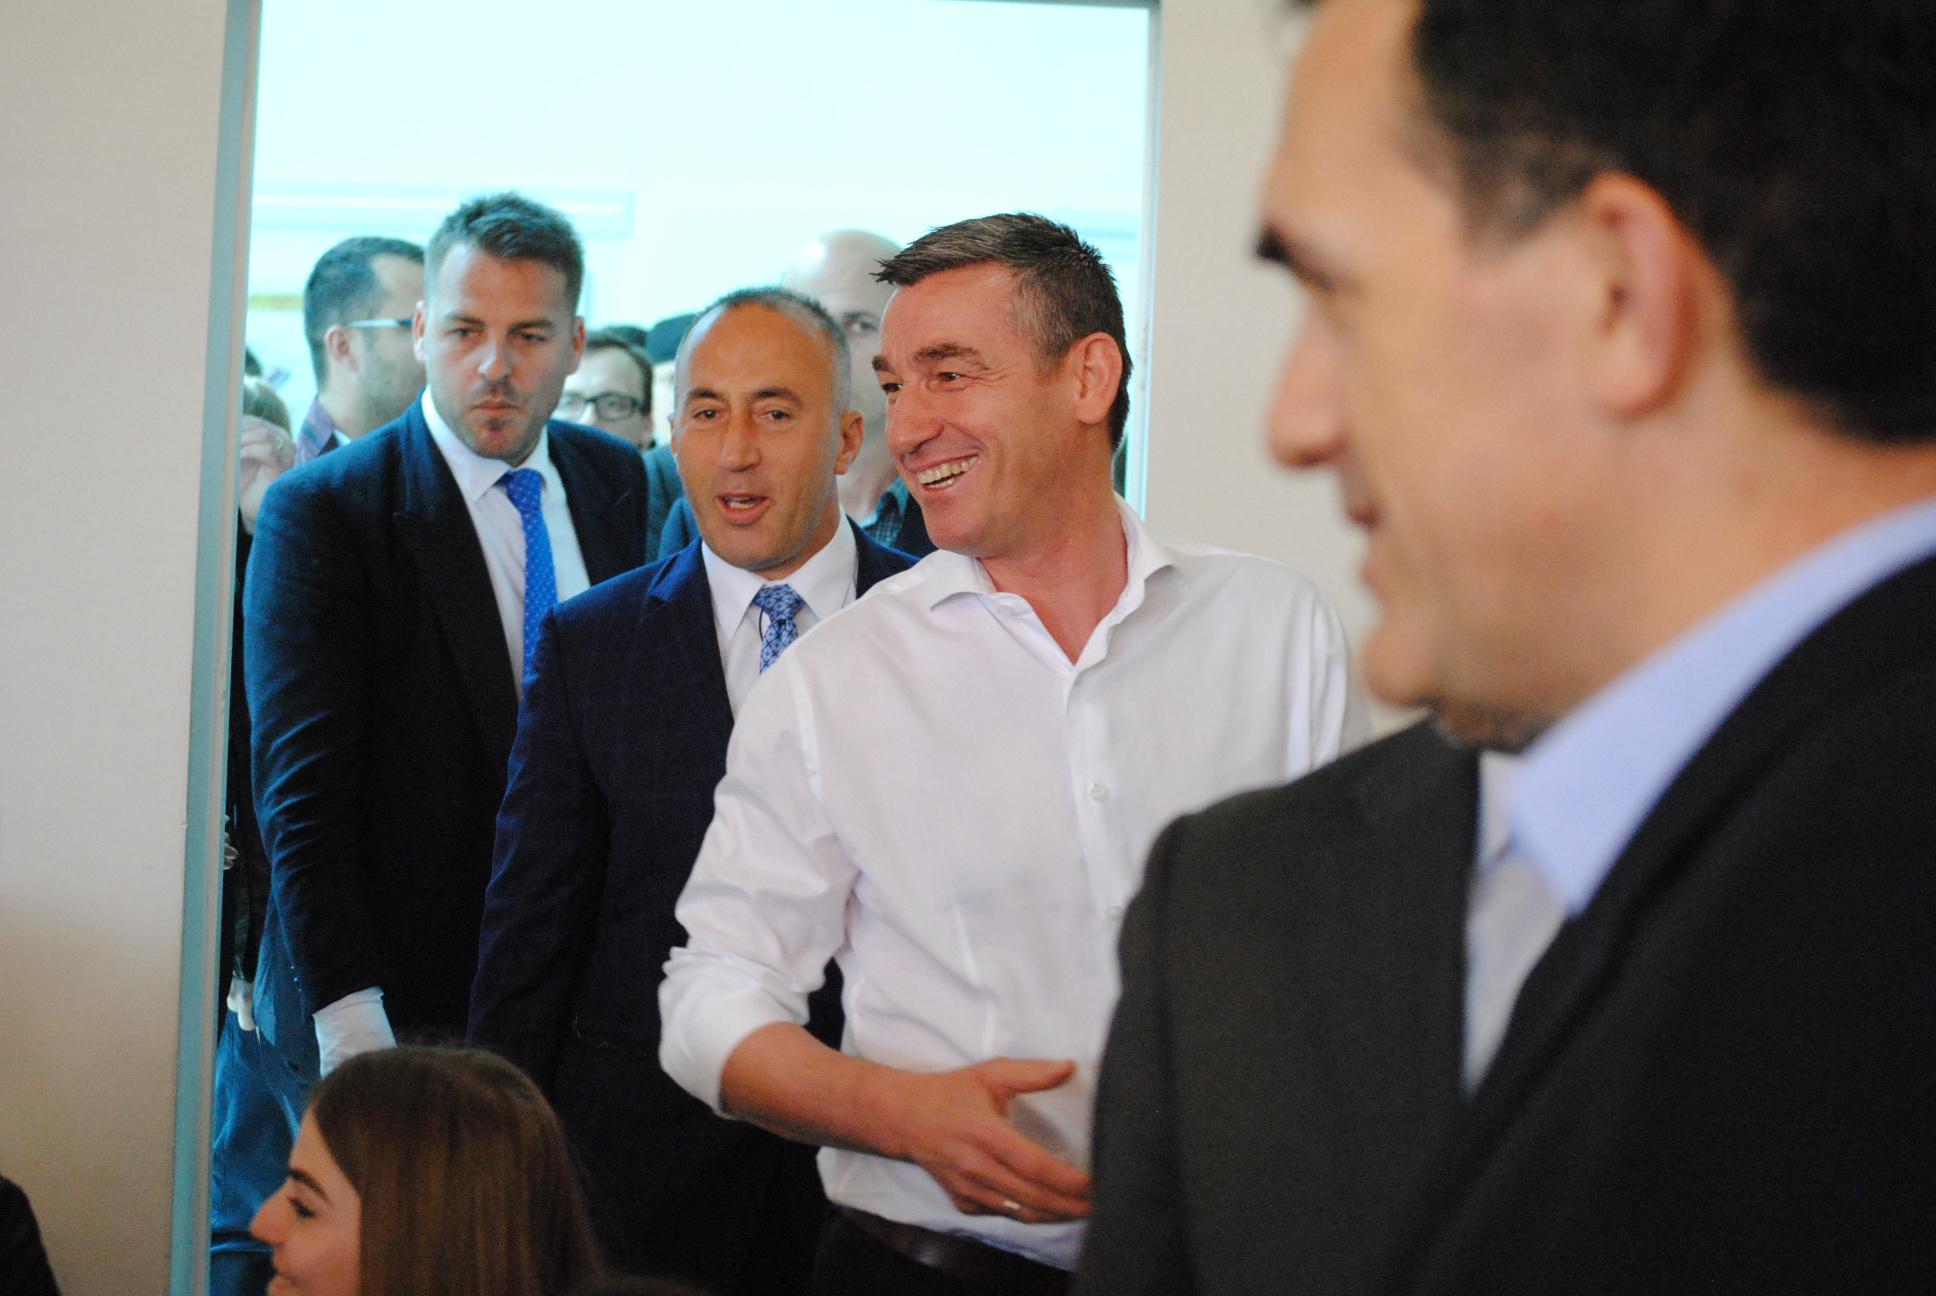 Veseli thumbon Haradinajn  Ai flet me Amerikën sikur me Serbinë